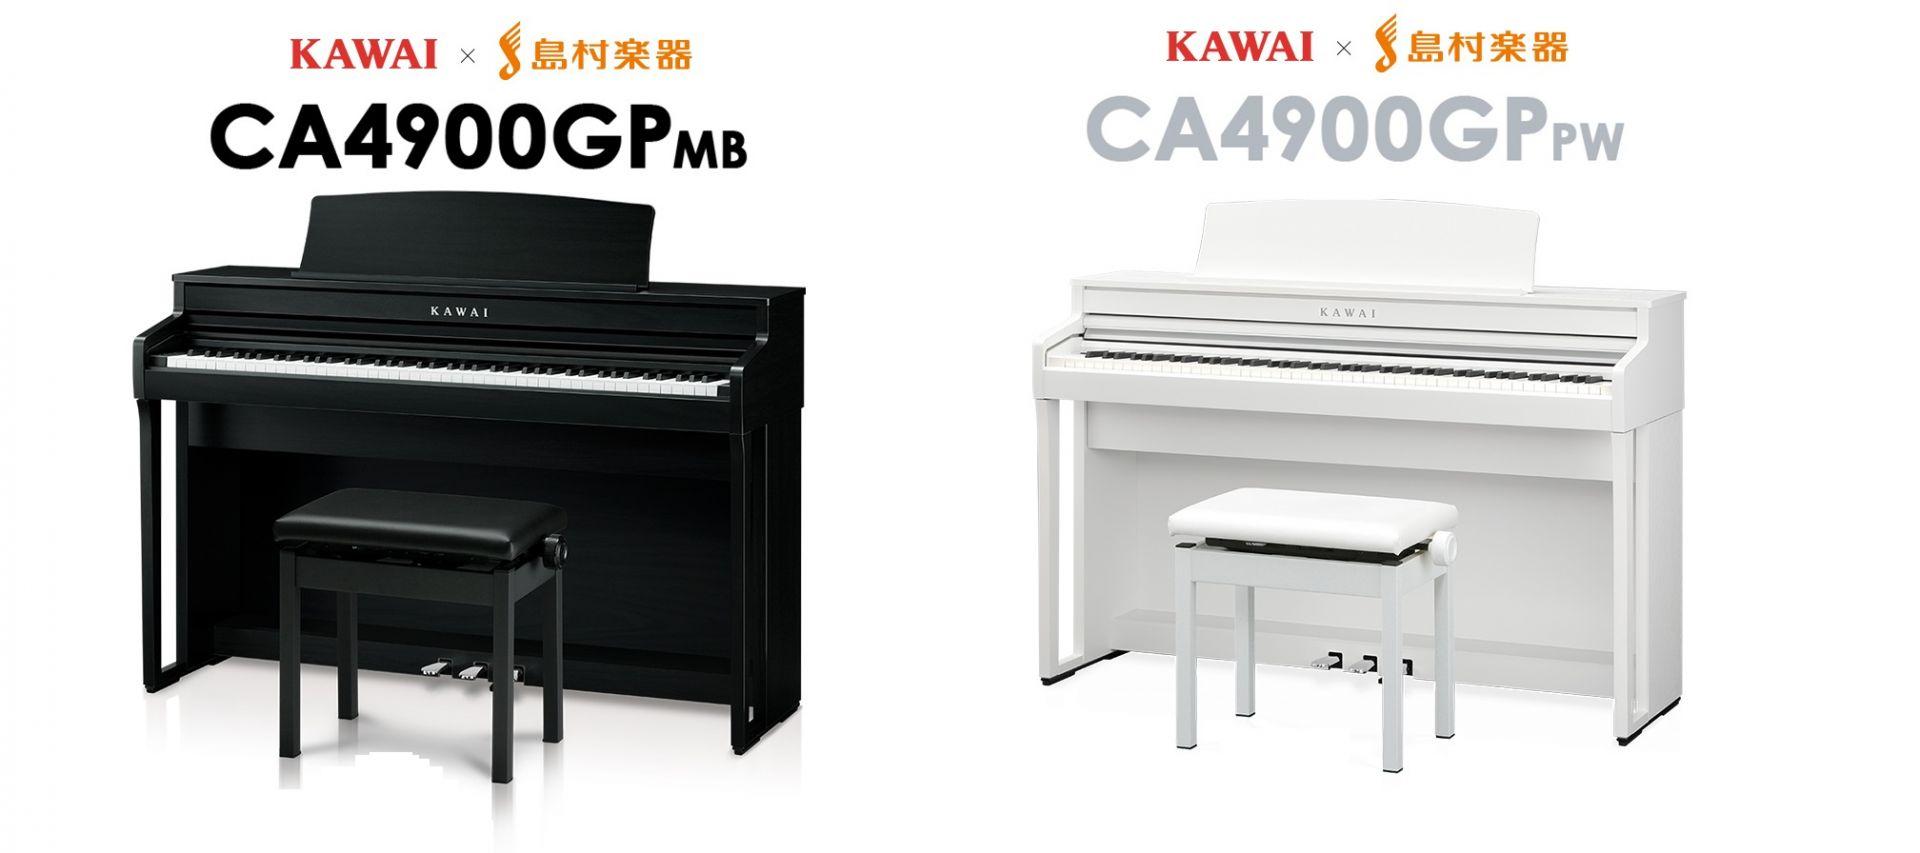 カワイCA4900GP